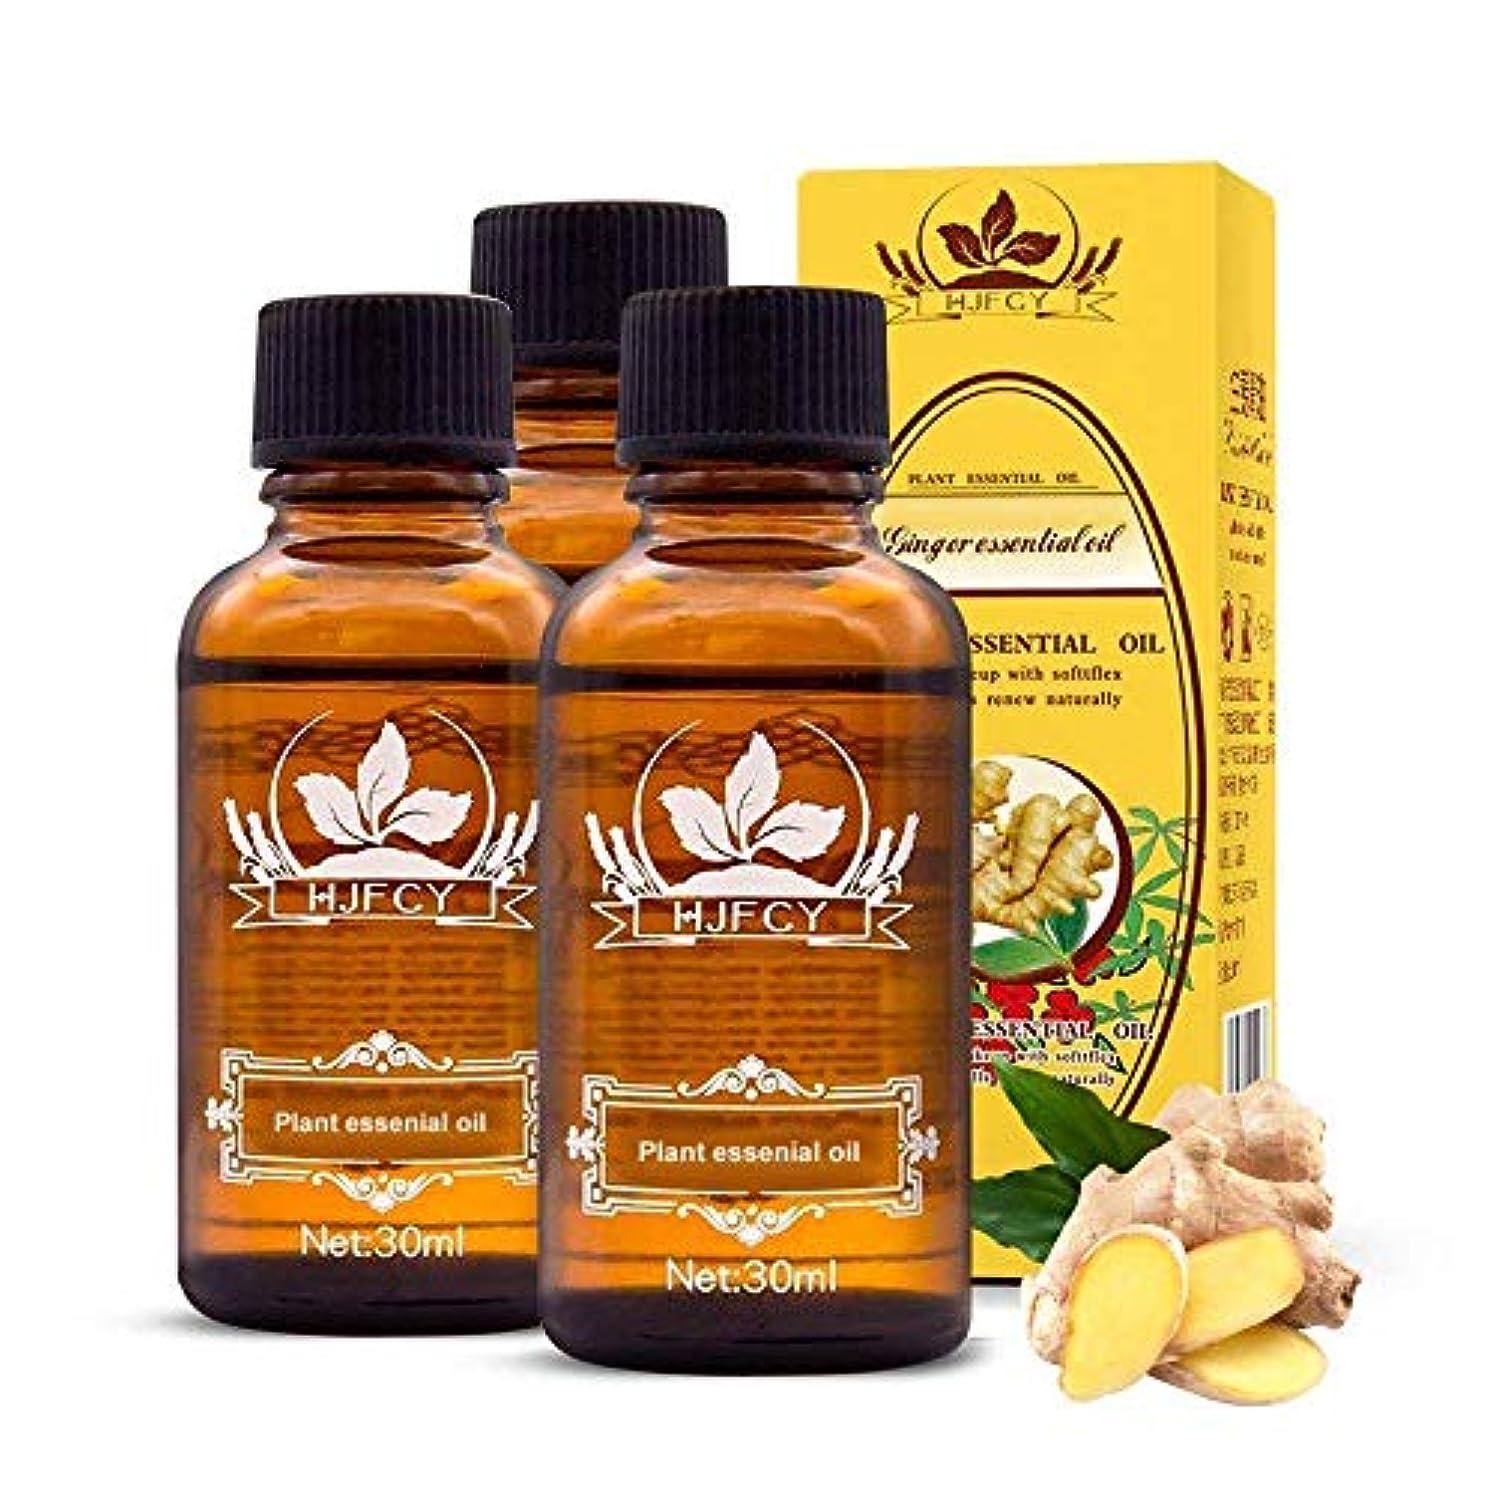 柔らかい麦芽収束する8PCS ジンジャーエッセンシャルオイル、ジンジャーオイルオーガニック、ジンジャーオイル、マッサージオイル、100%ピュアナチュラルジンジャーオイル (8PCS)